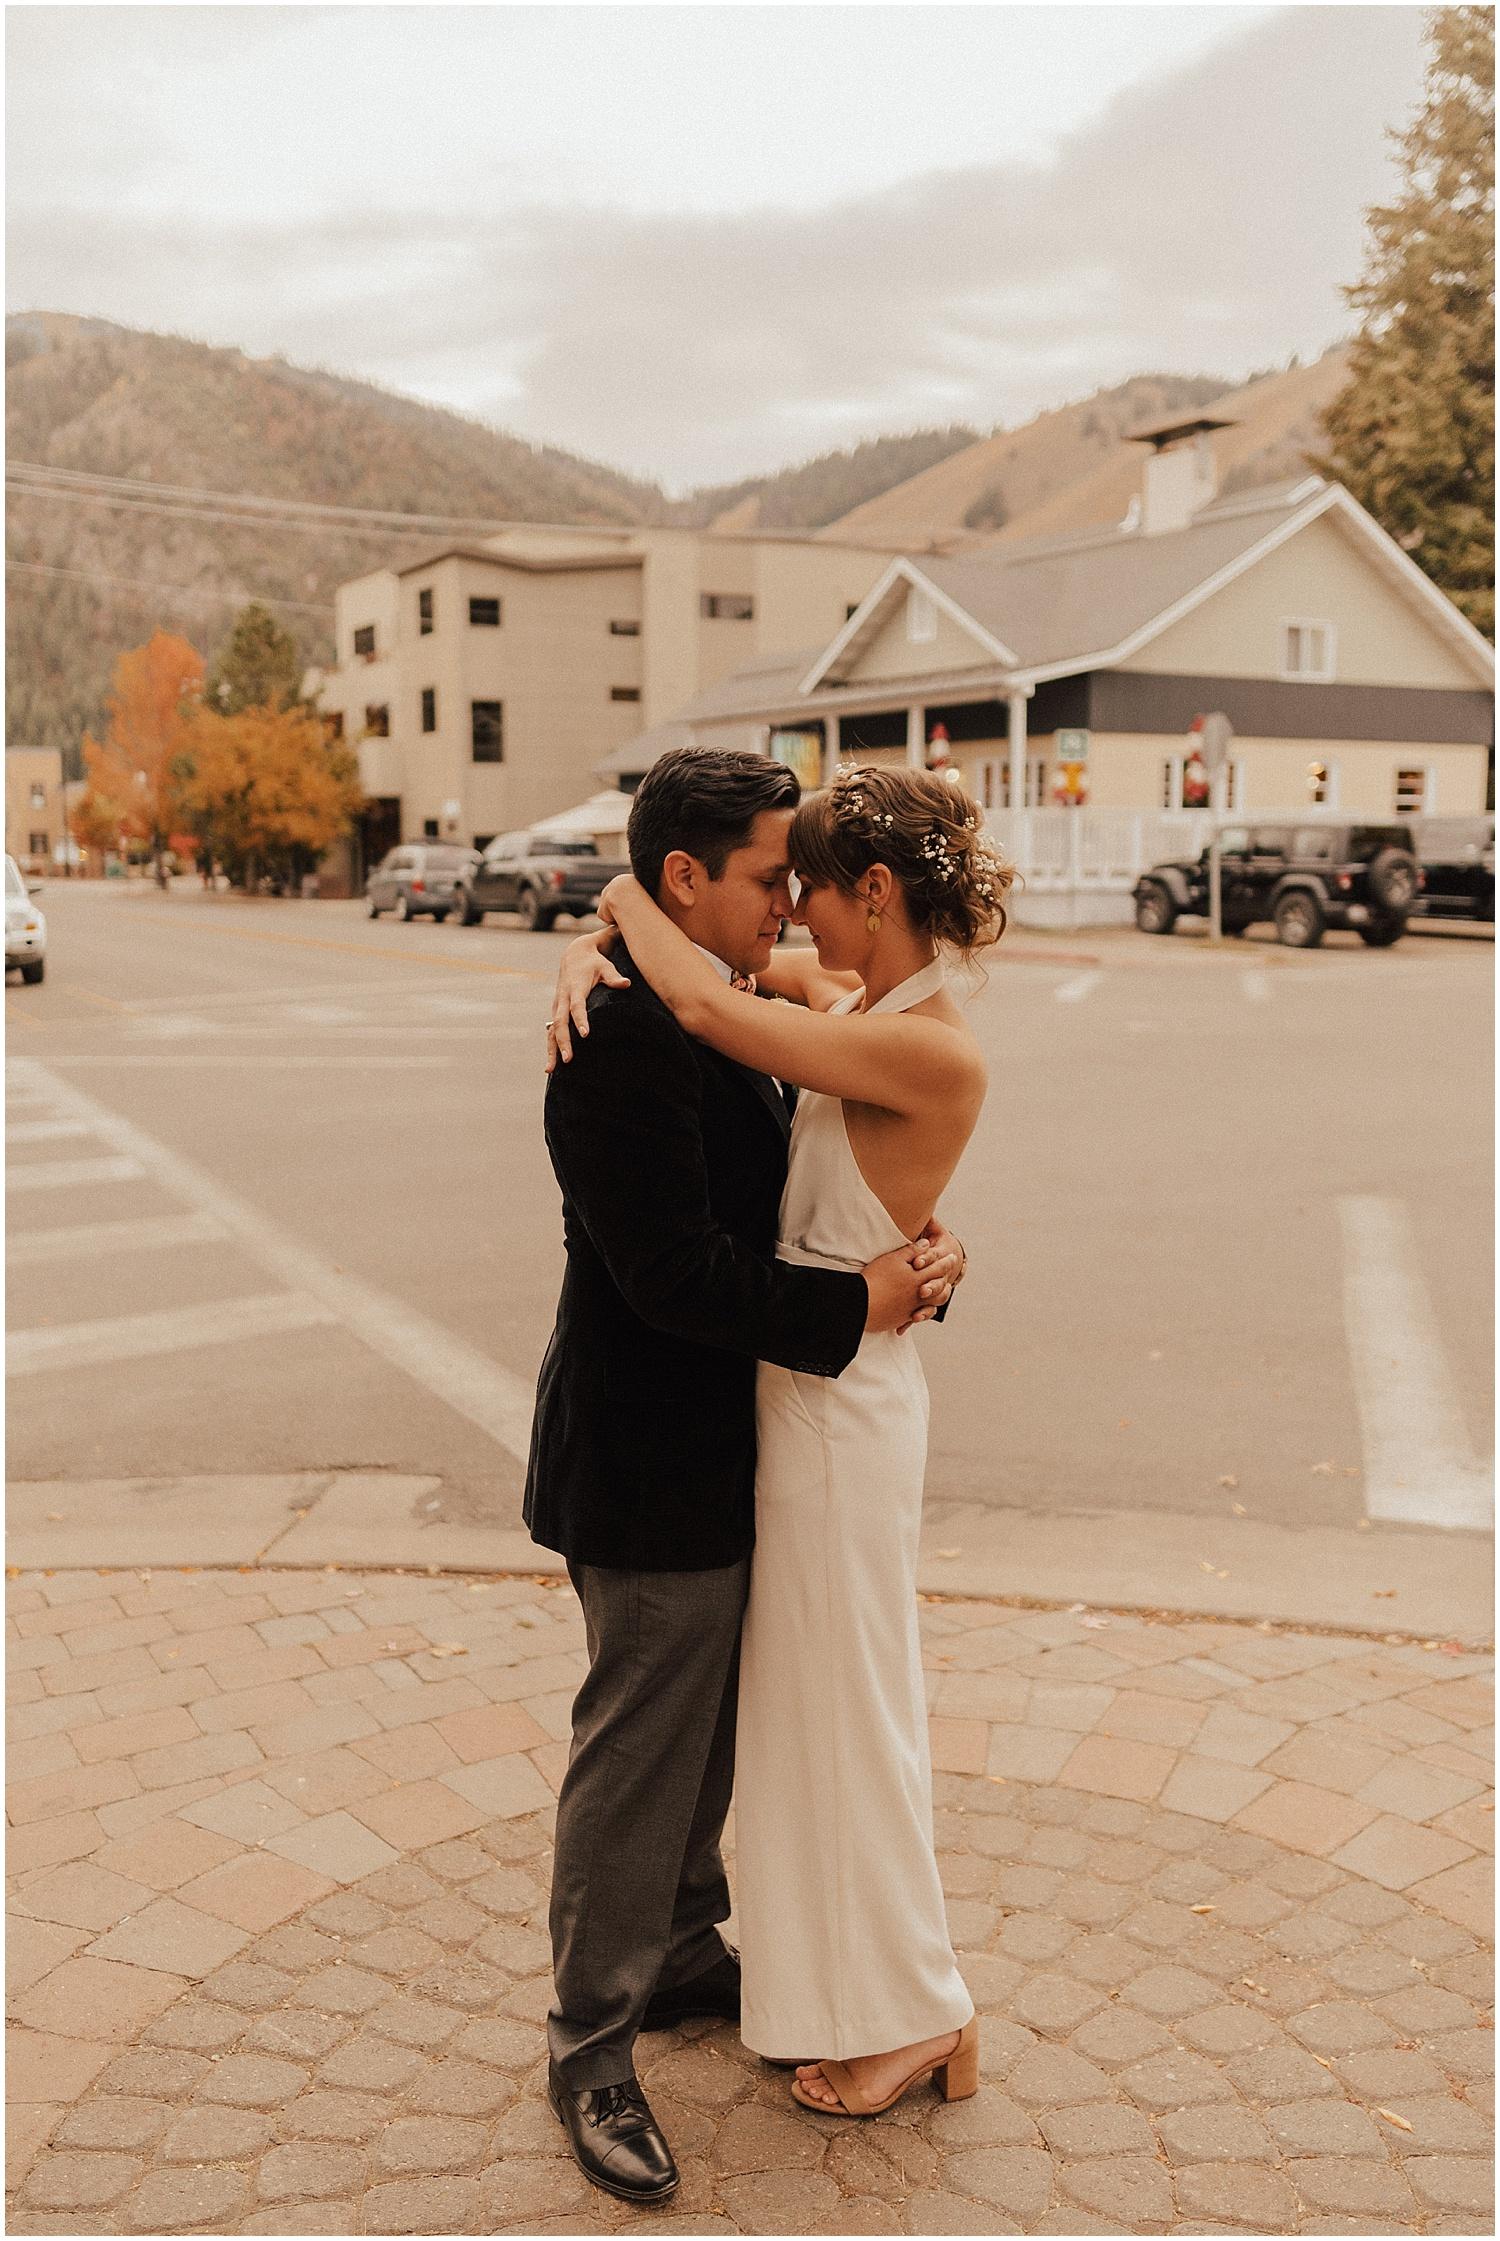 church-wedding-industrial-reception-sunvalley-idaho95.jpg